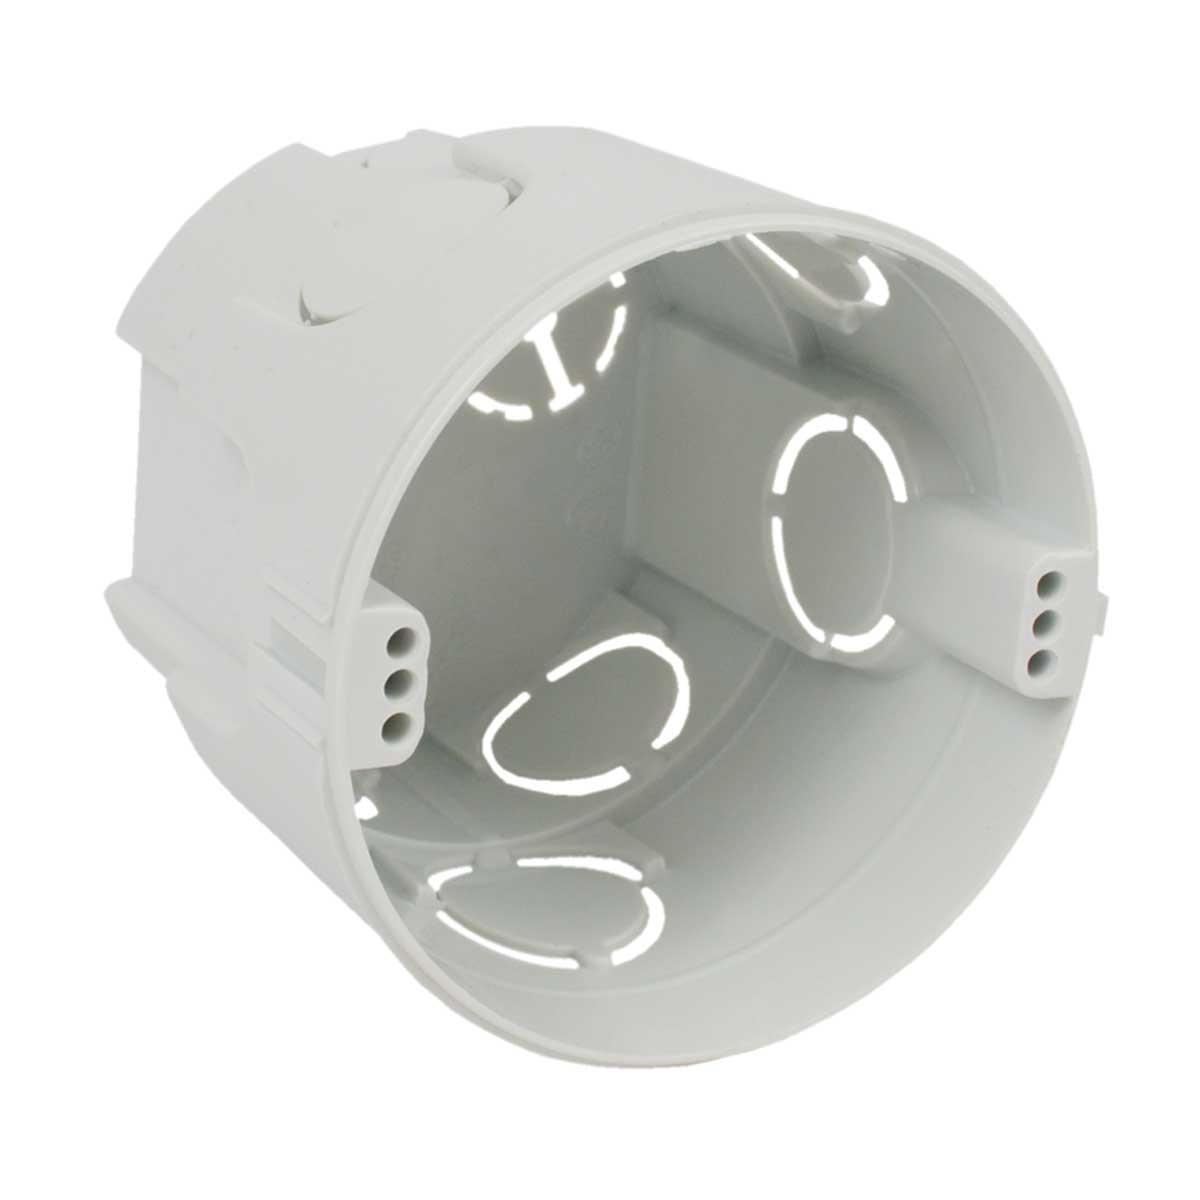 Коробка приладова,  з'єднуються між собою; ПВХ; сіра; Ø73х66мм